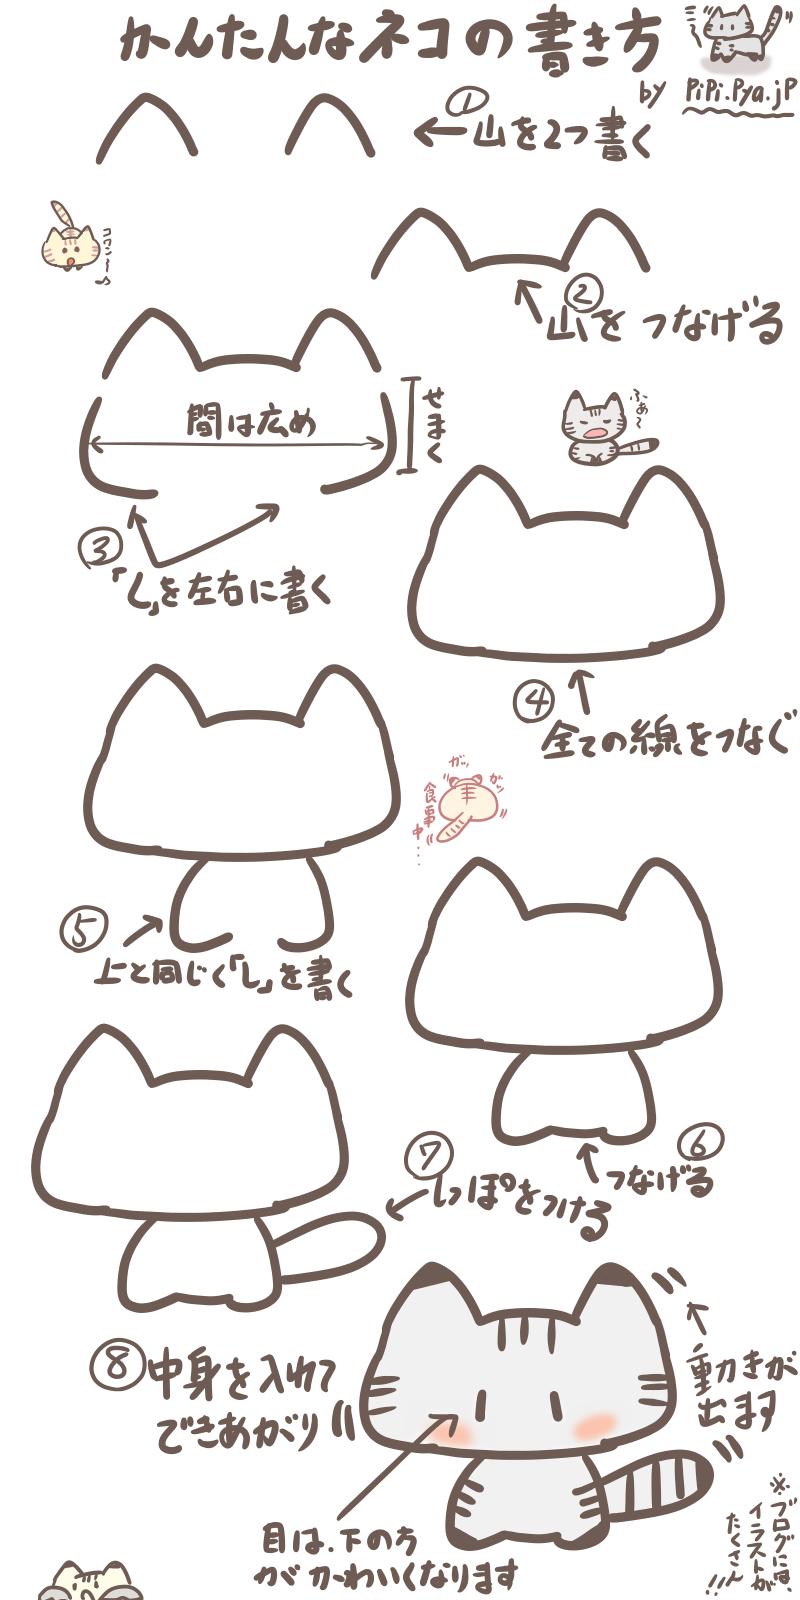 猫の描き方はぴぴで作っていたので、色合いを濃くしたものをこちらに掲載しました。猫のイラストをサラサラと描きたい時のポントとして、猫の耳から描き始めると